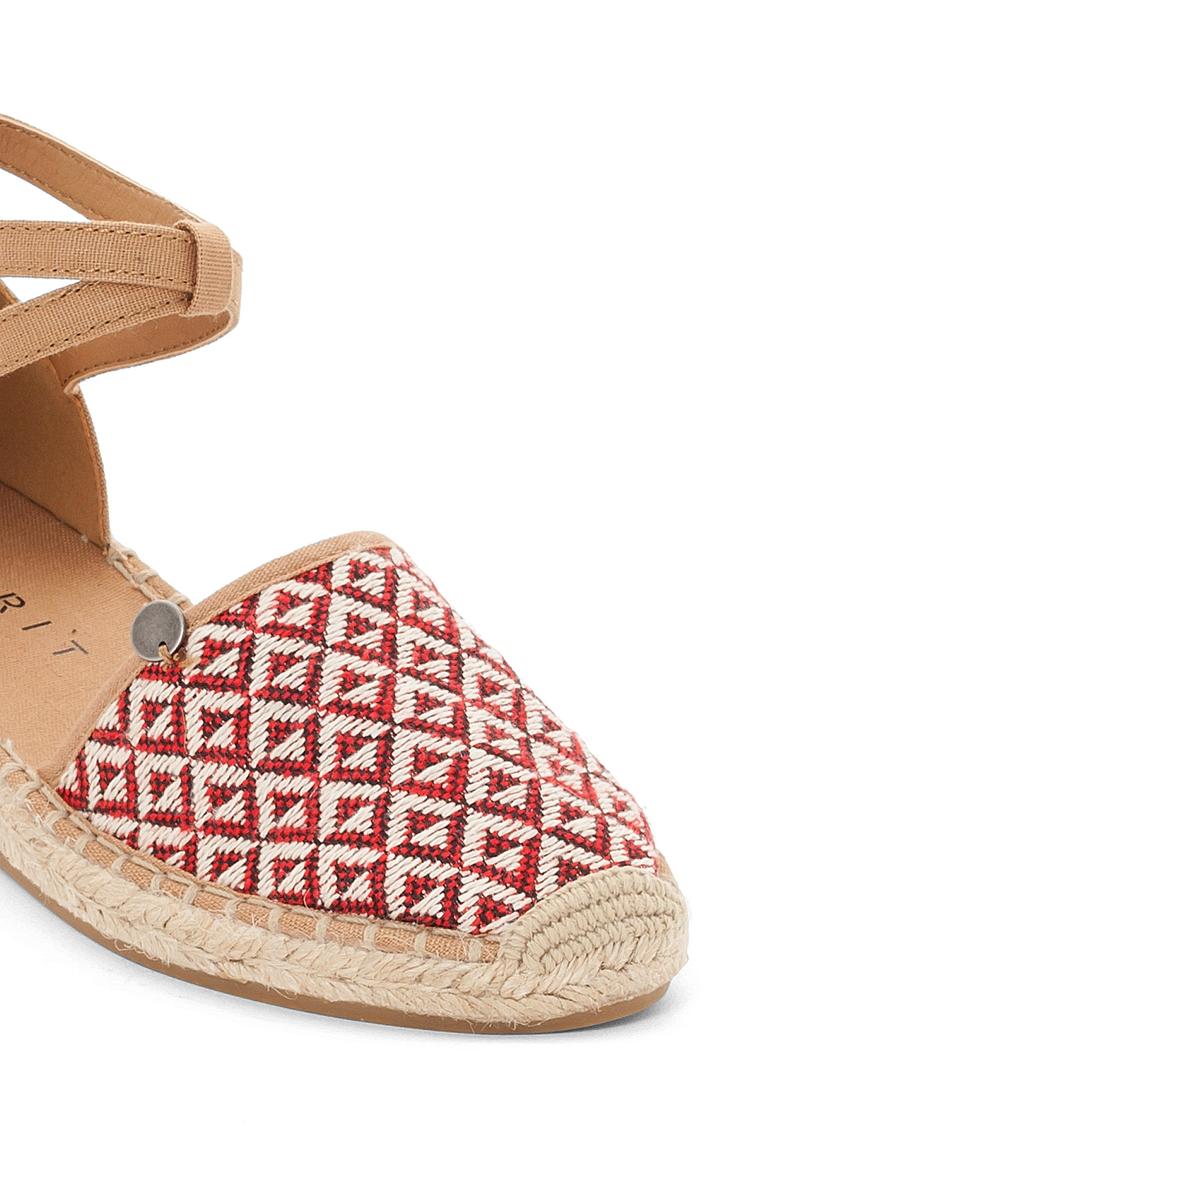 Туфли Ines EthnoВерх: полиэстер.  Стелька: кожа.  Подошва: каучук.Высота каблука: 2 см.Форма каблука: плоский каблук.Мысок: закругленный.Застежка: пряжка.<br><br>Цвет: красный наб. рисунок,рисунок темно-синий